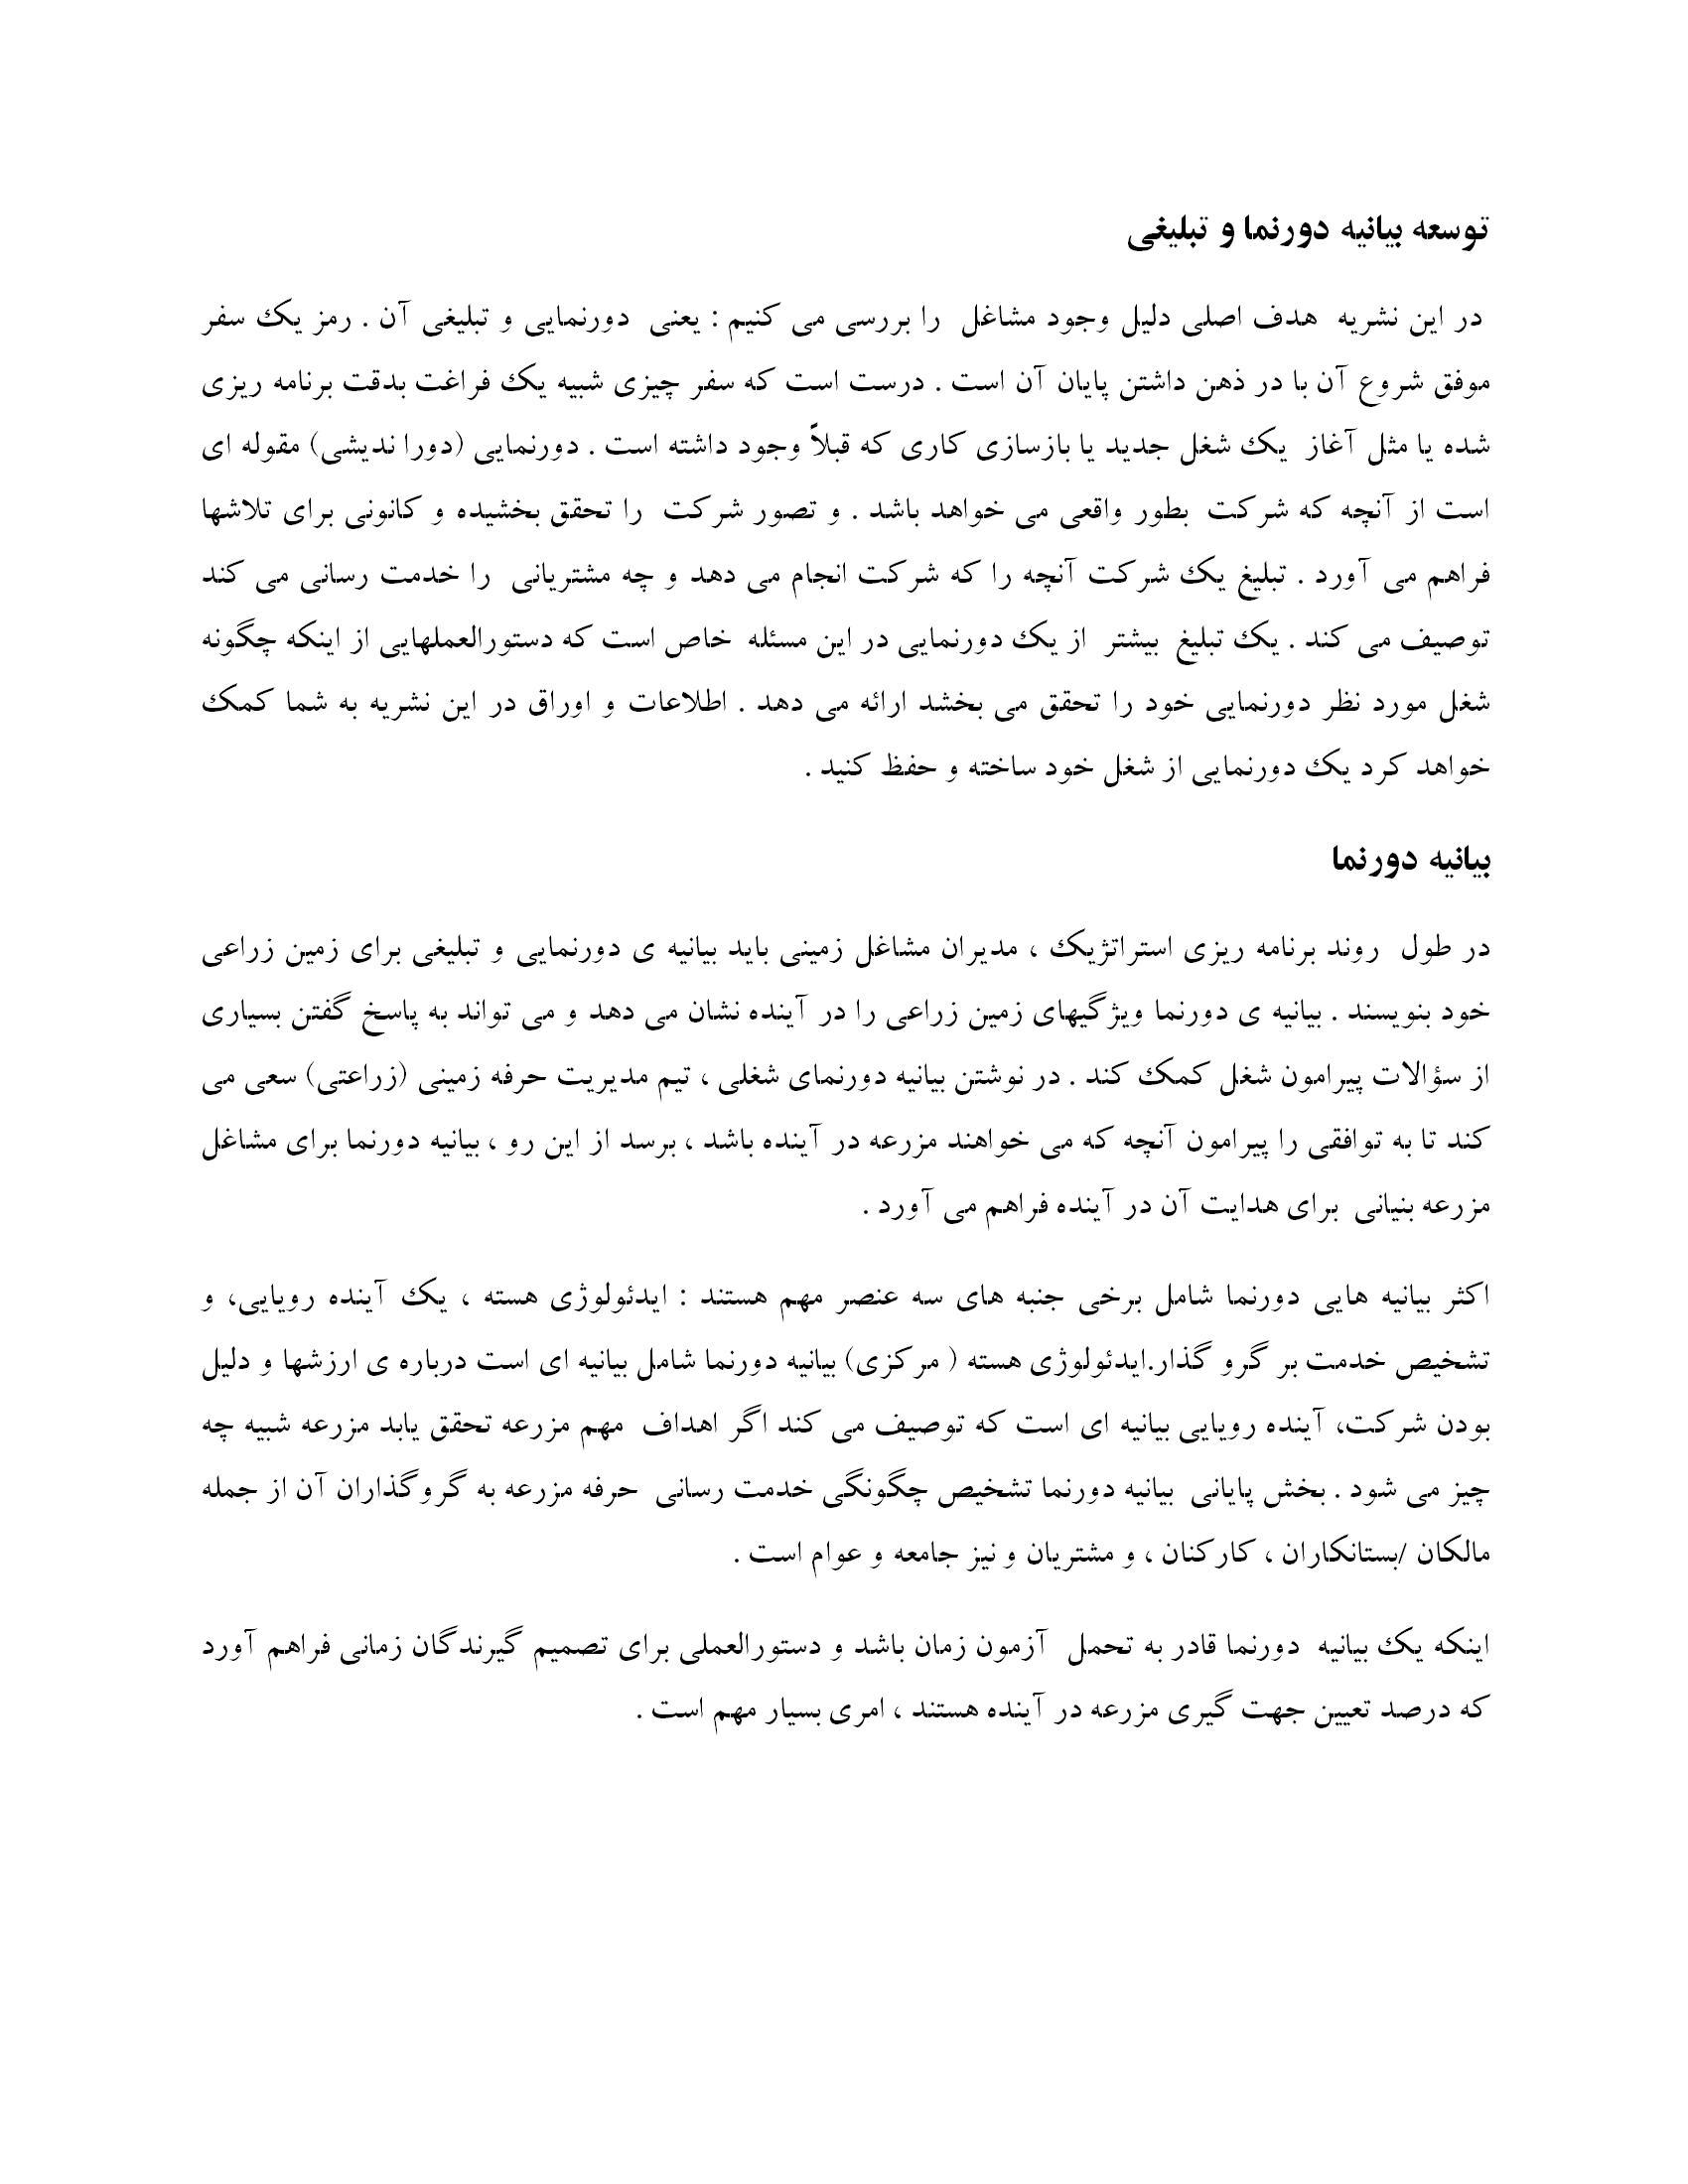 ترجمه مقاله و تحقیق - توسعه بیانیه دورنما و تبلیغی 17